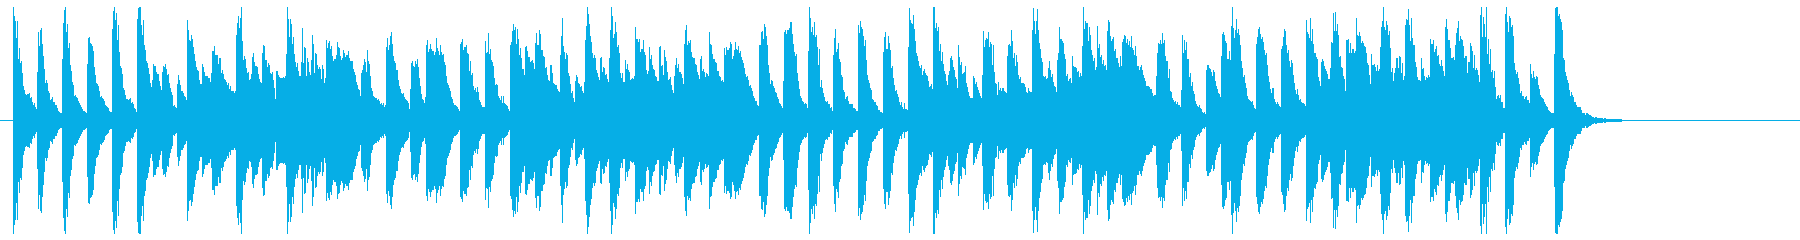 軽快でコミカルなジャズピアノ(ソロ)の再生済みの波形